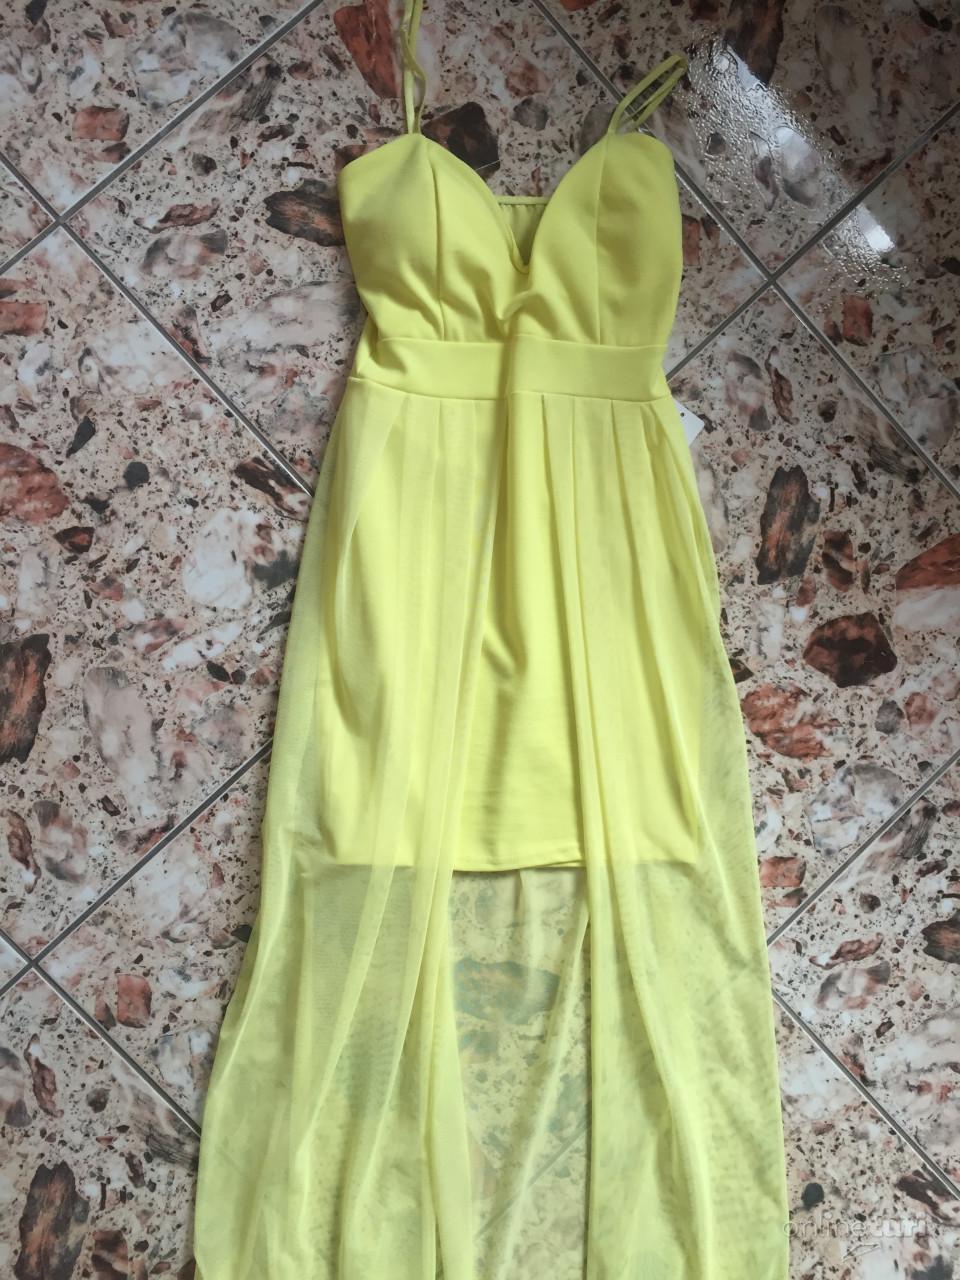 e7fa031fef Olasz sárga ruha, Miskolc - OnlineTuri